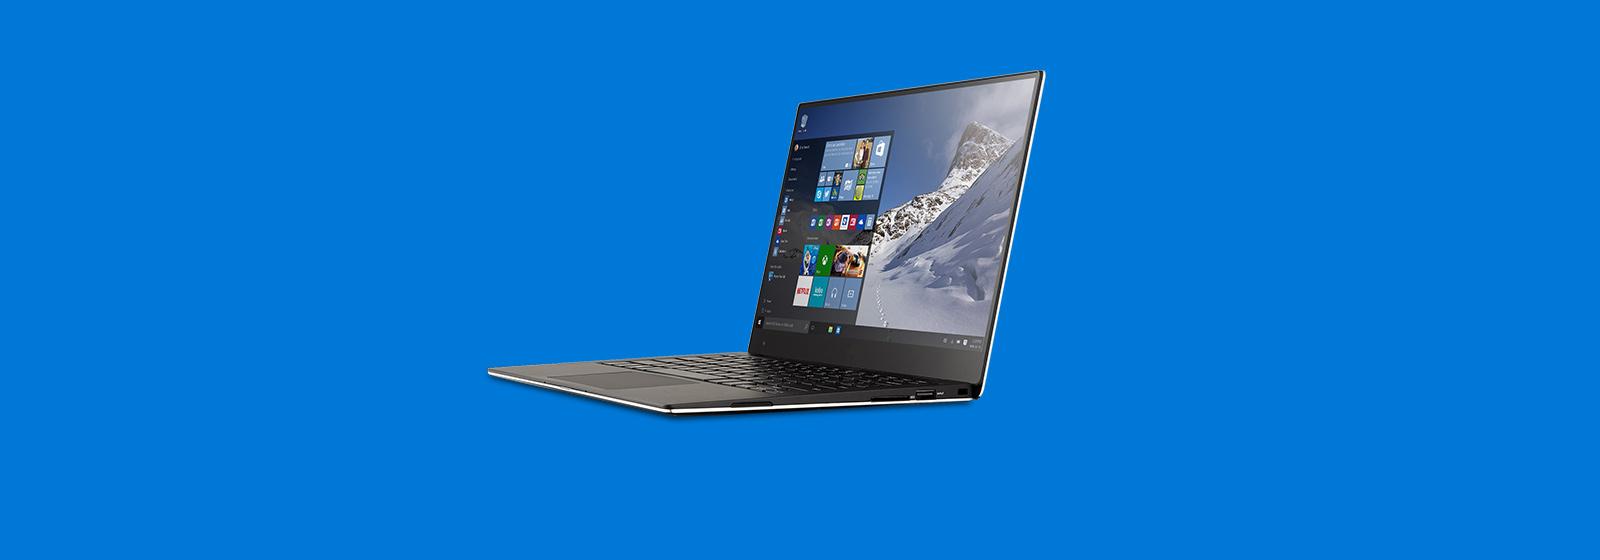 Prihaja Windows 10. Preberite več o njem.